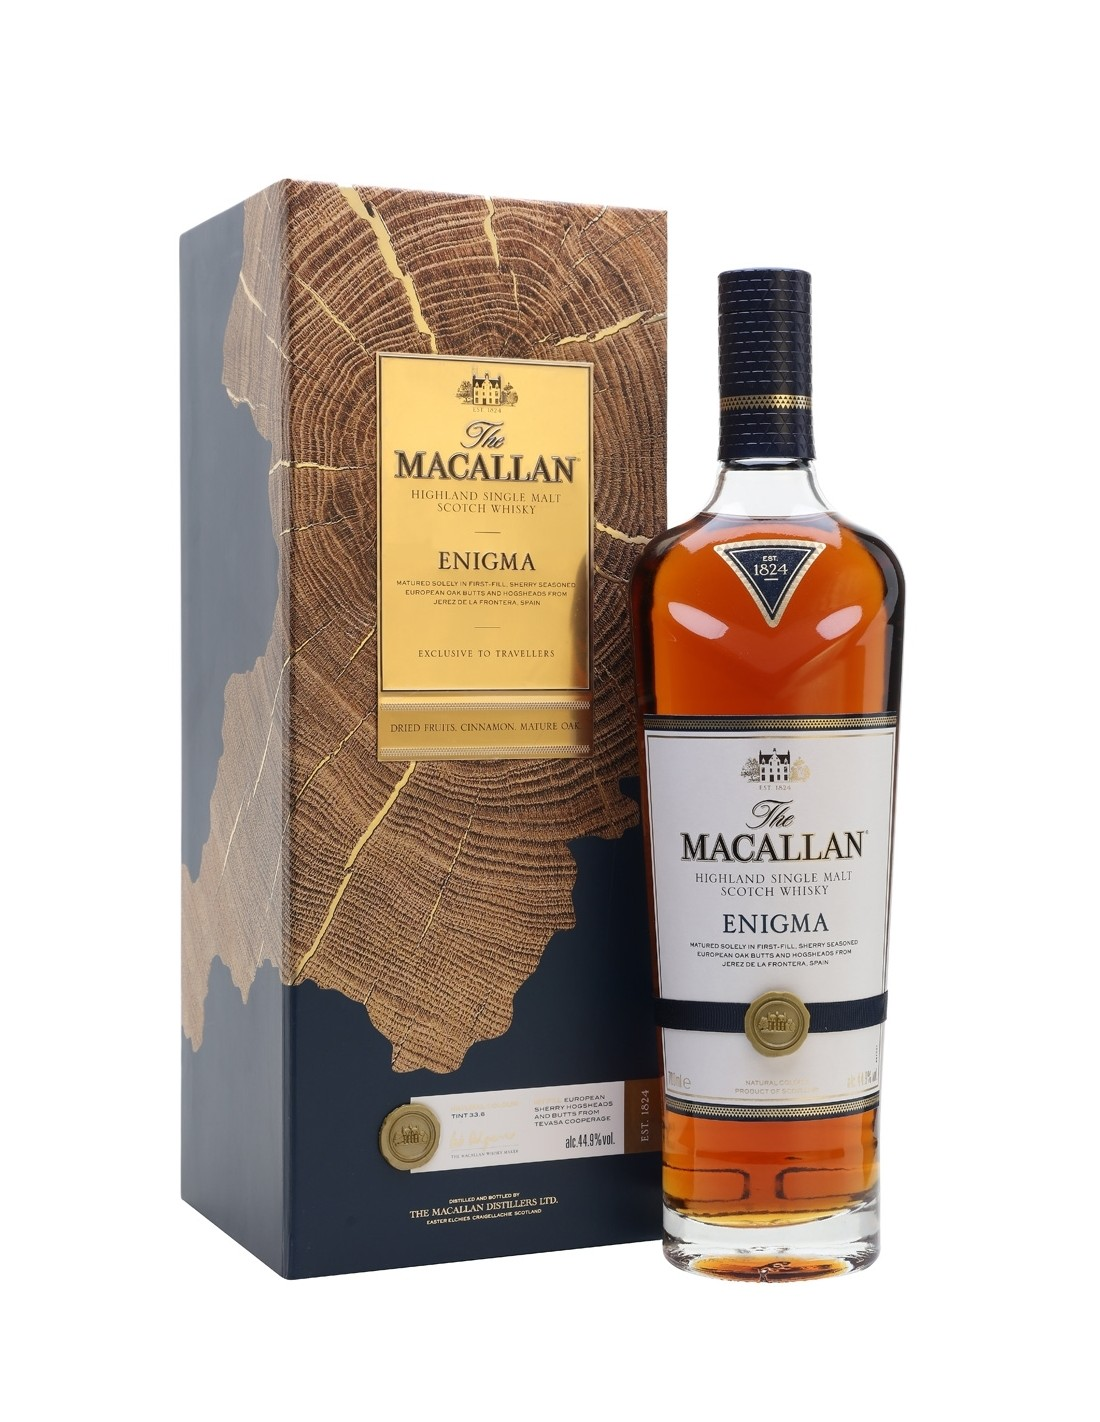 Whisky Single Malt Macallan Enigma, 44.9% alc., 0.7L, Scotia